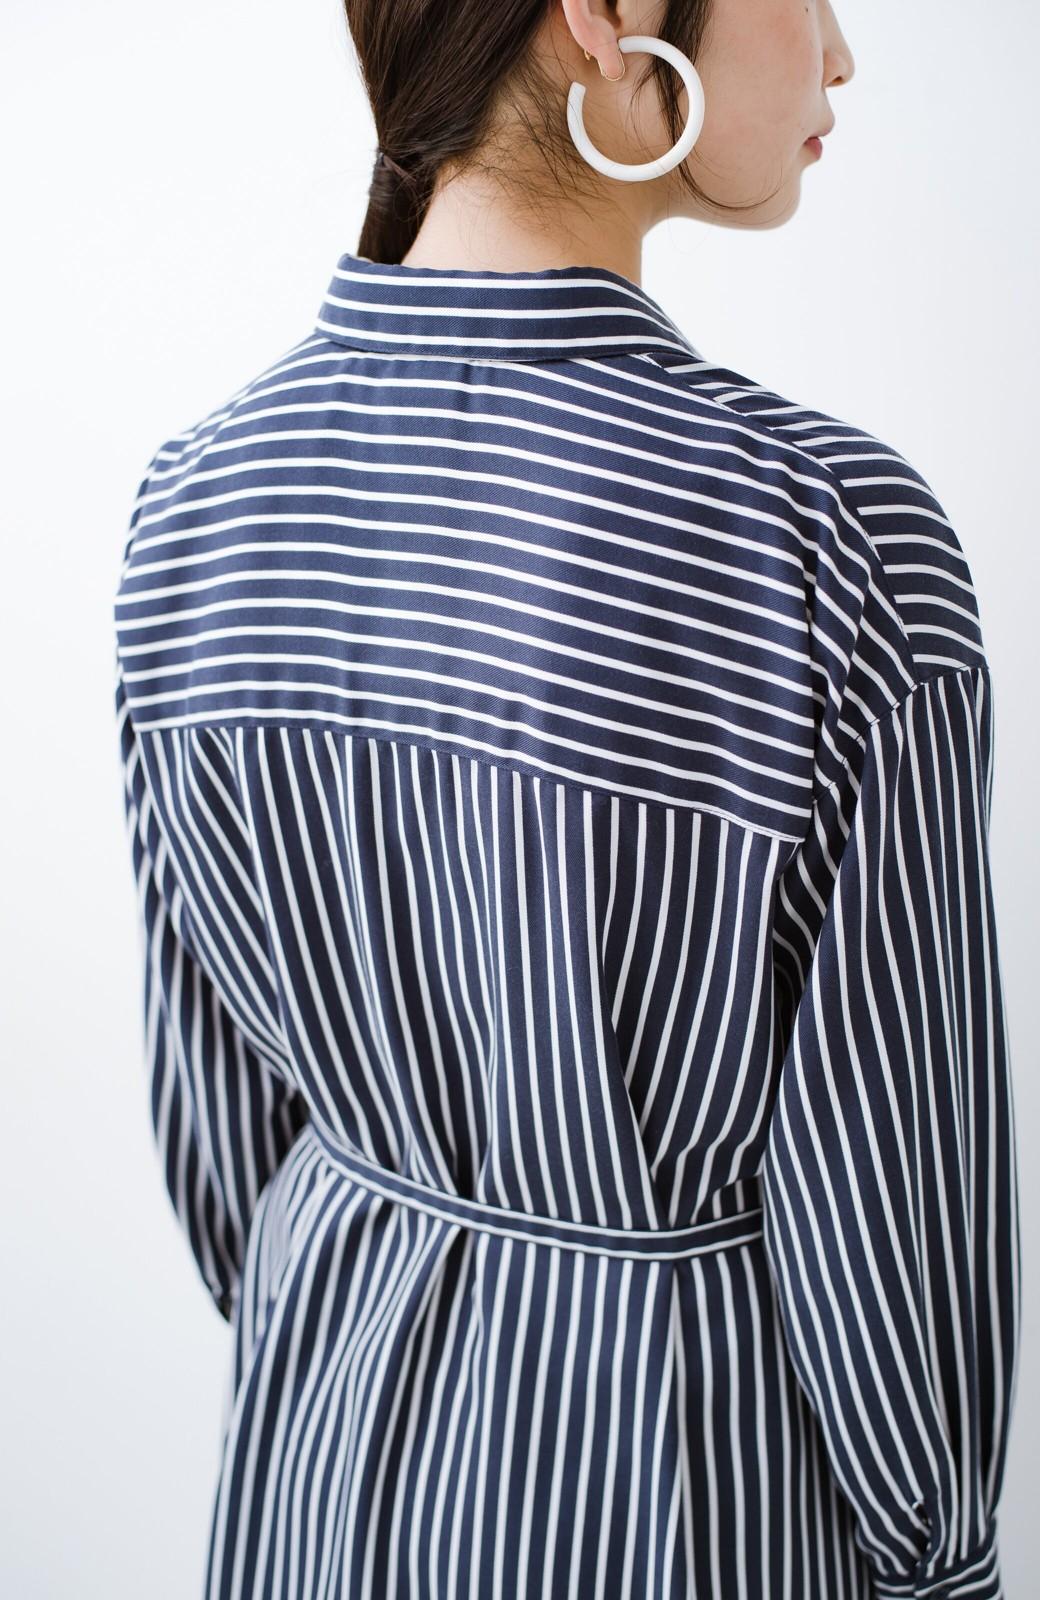 haco! 長ーーい季節着られる! 単品づかいはもちろん重ね着も楽しいシャツワンピース  <ネイビー>の商品写真8